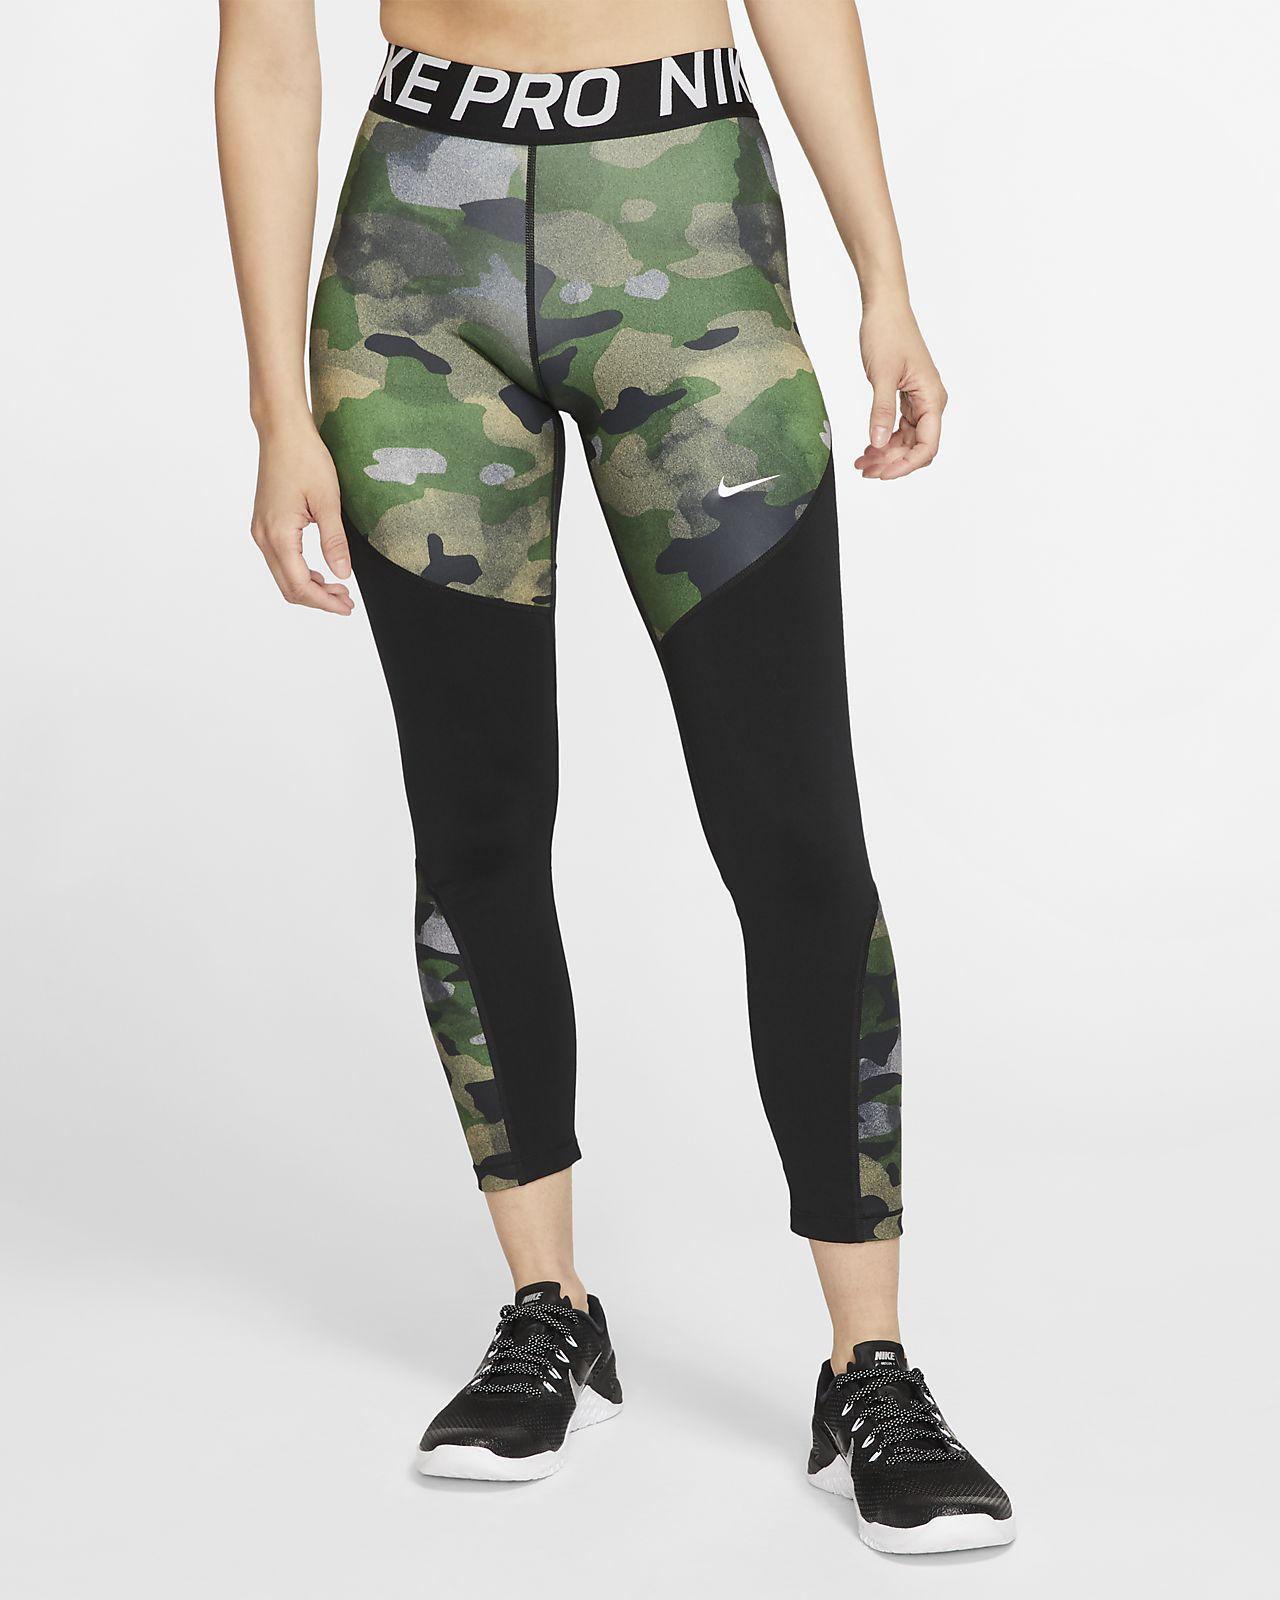 Nike Pro Icon Clash Women's 7/8 Camo Tights